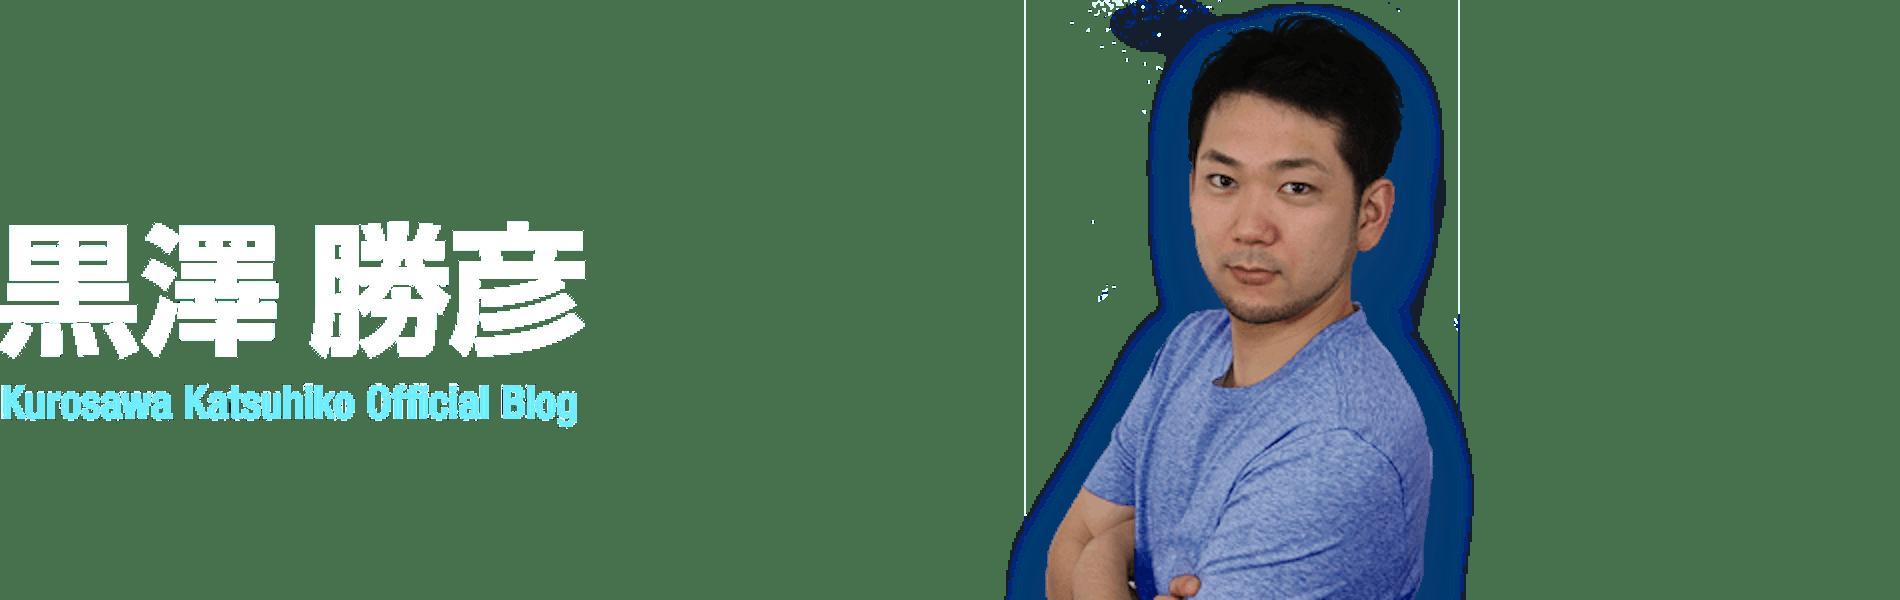 黒澤勝彦 オフィシャルブログ